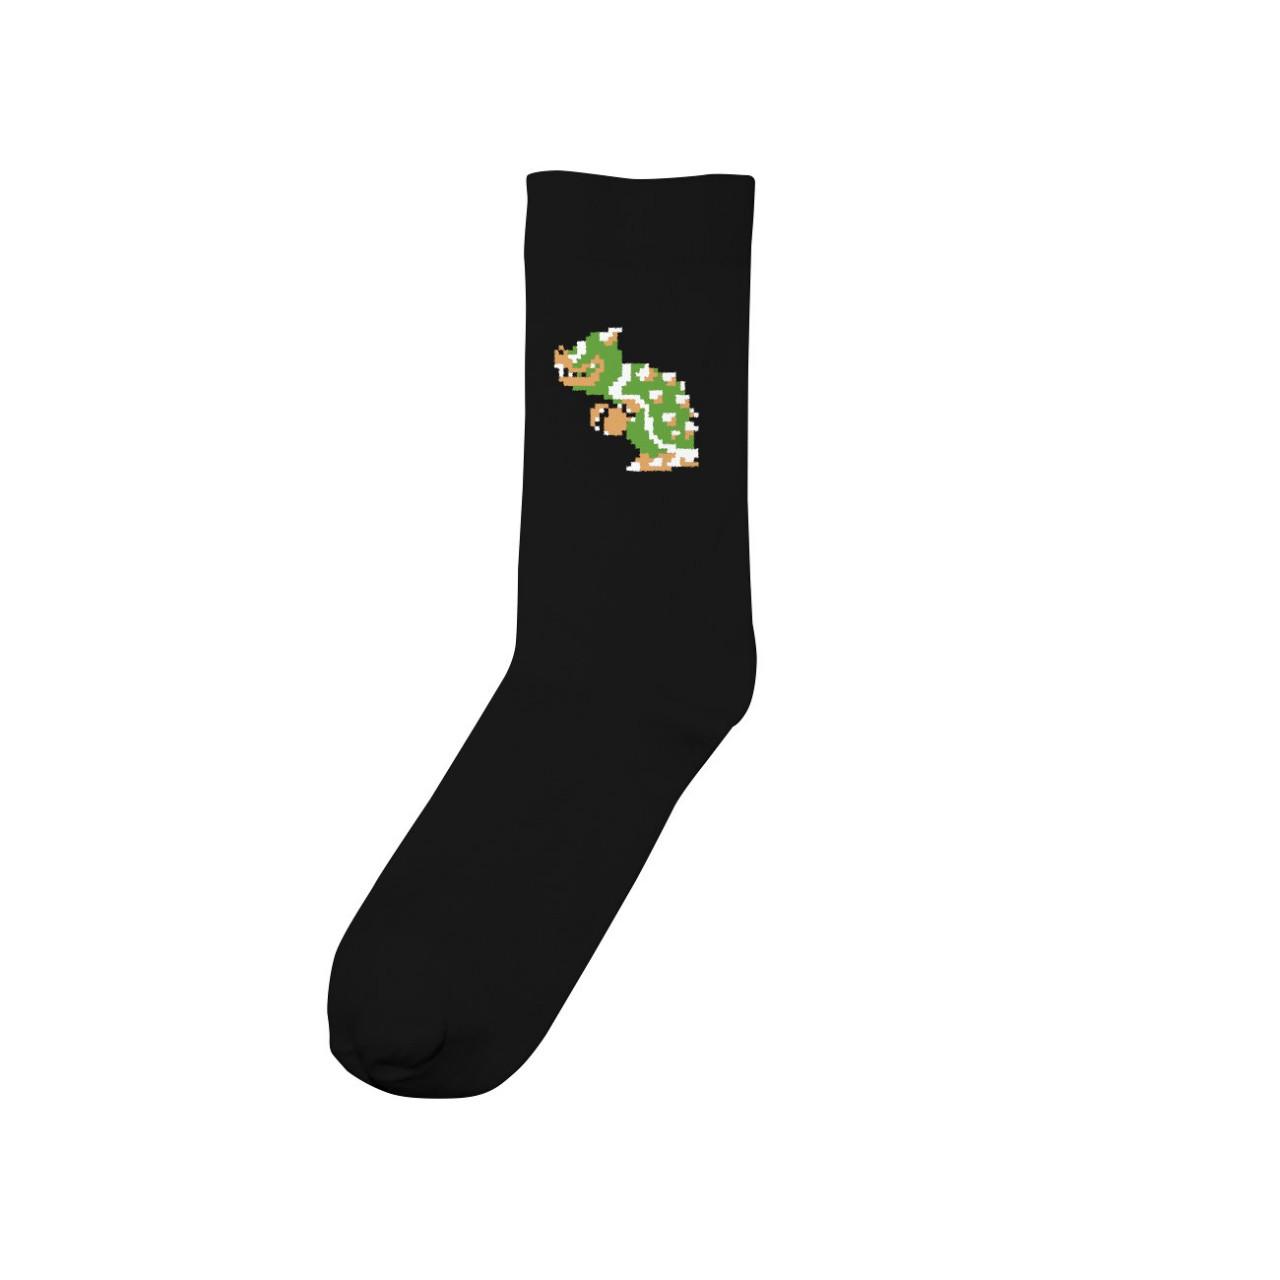 Socks Sigtuna Bowser Black